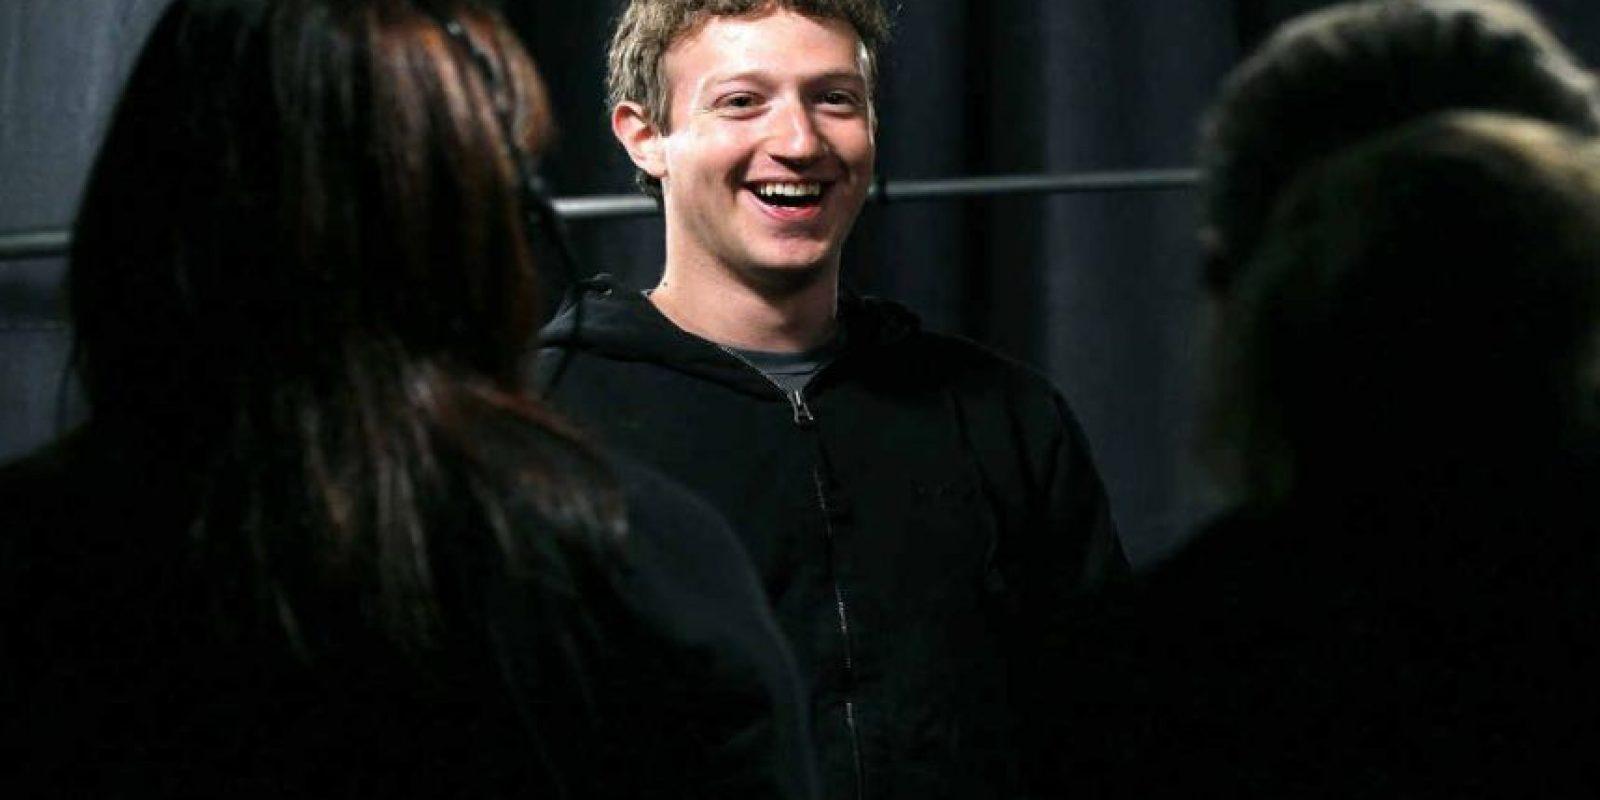 Comenzó a programar desde los 12 años. Foto:Getty Images